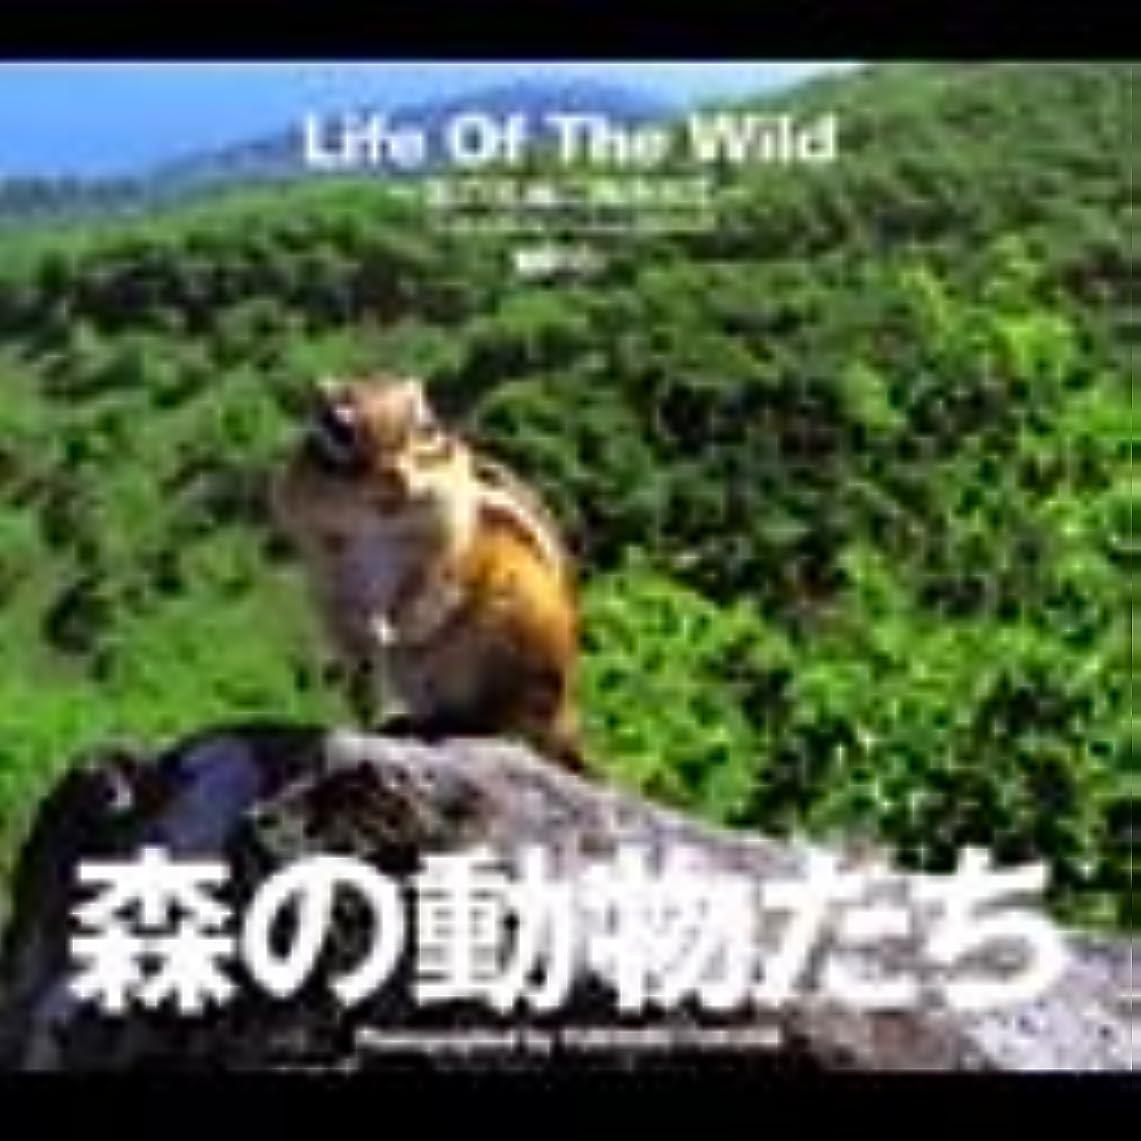 運搬アラブ人柔らかさ森の動物たち Life Of The Wild